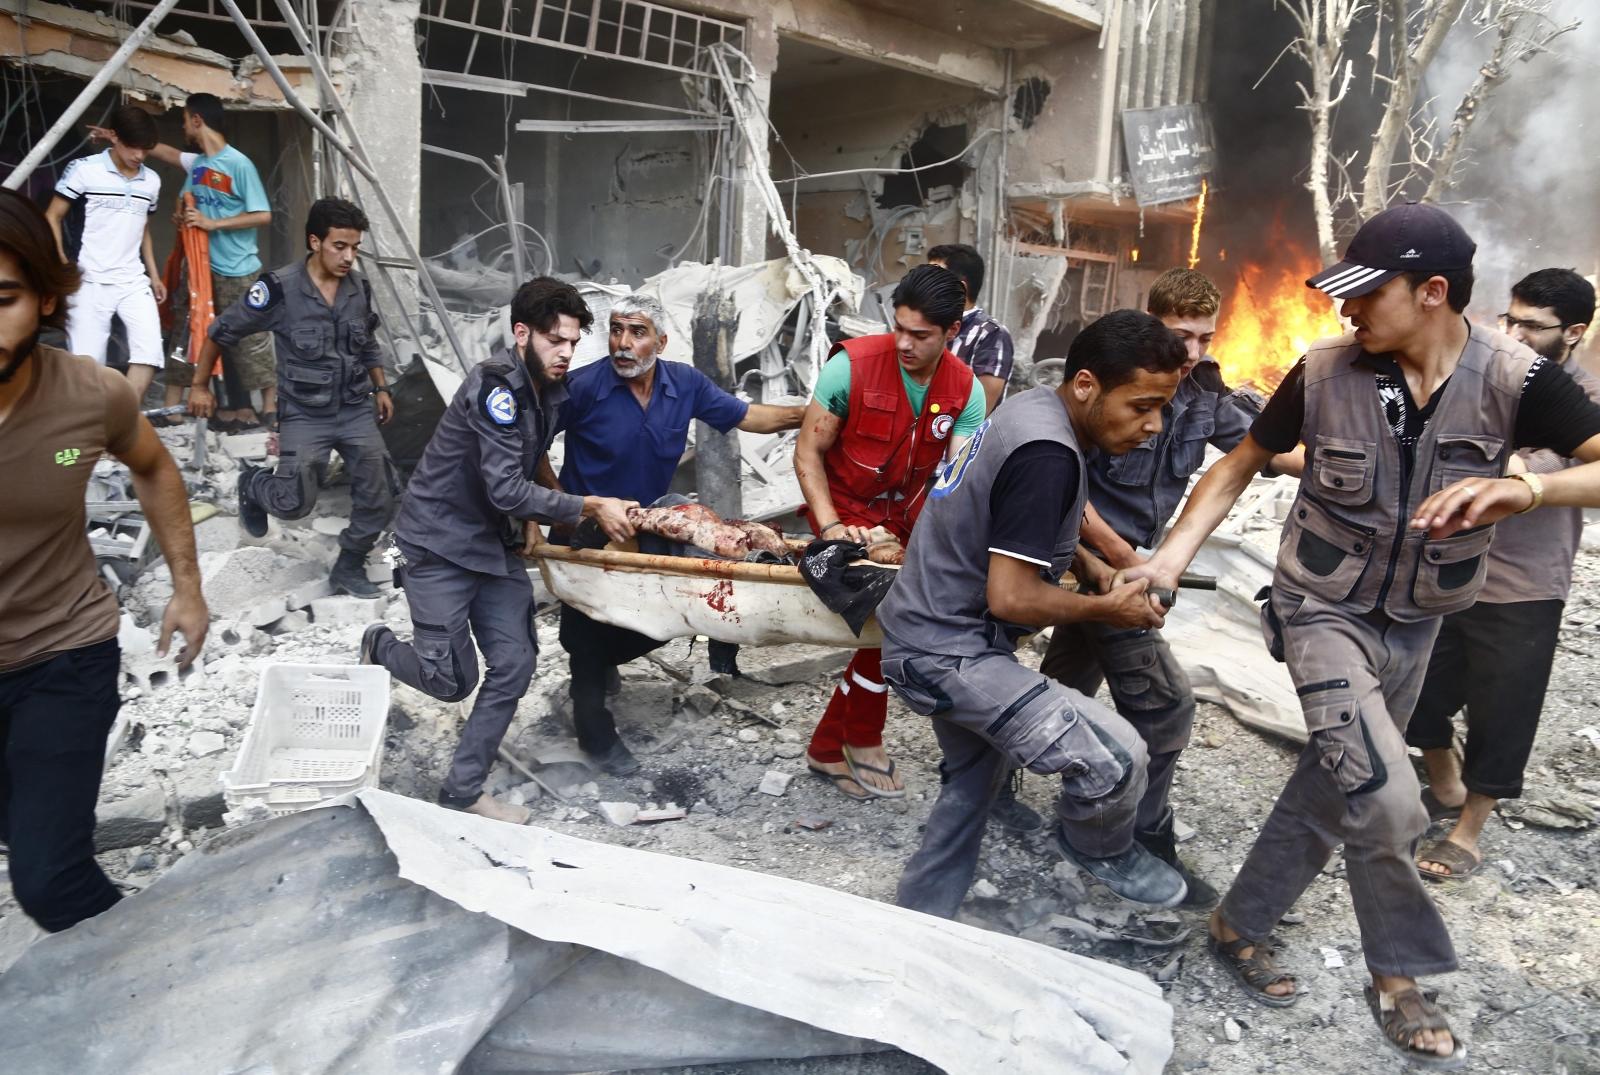 Protezione Civile, Mezzaluna Rrossa e residenti soccorrono i feriti dopo un bombardamento a Douma (Ddamasco). Credit to: Sameer al-Doumy/AFP/Getty Images